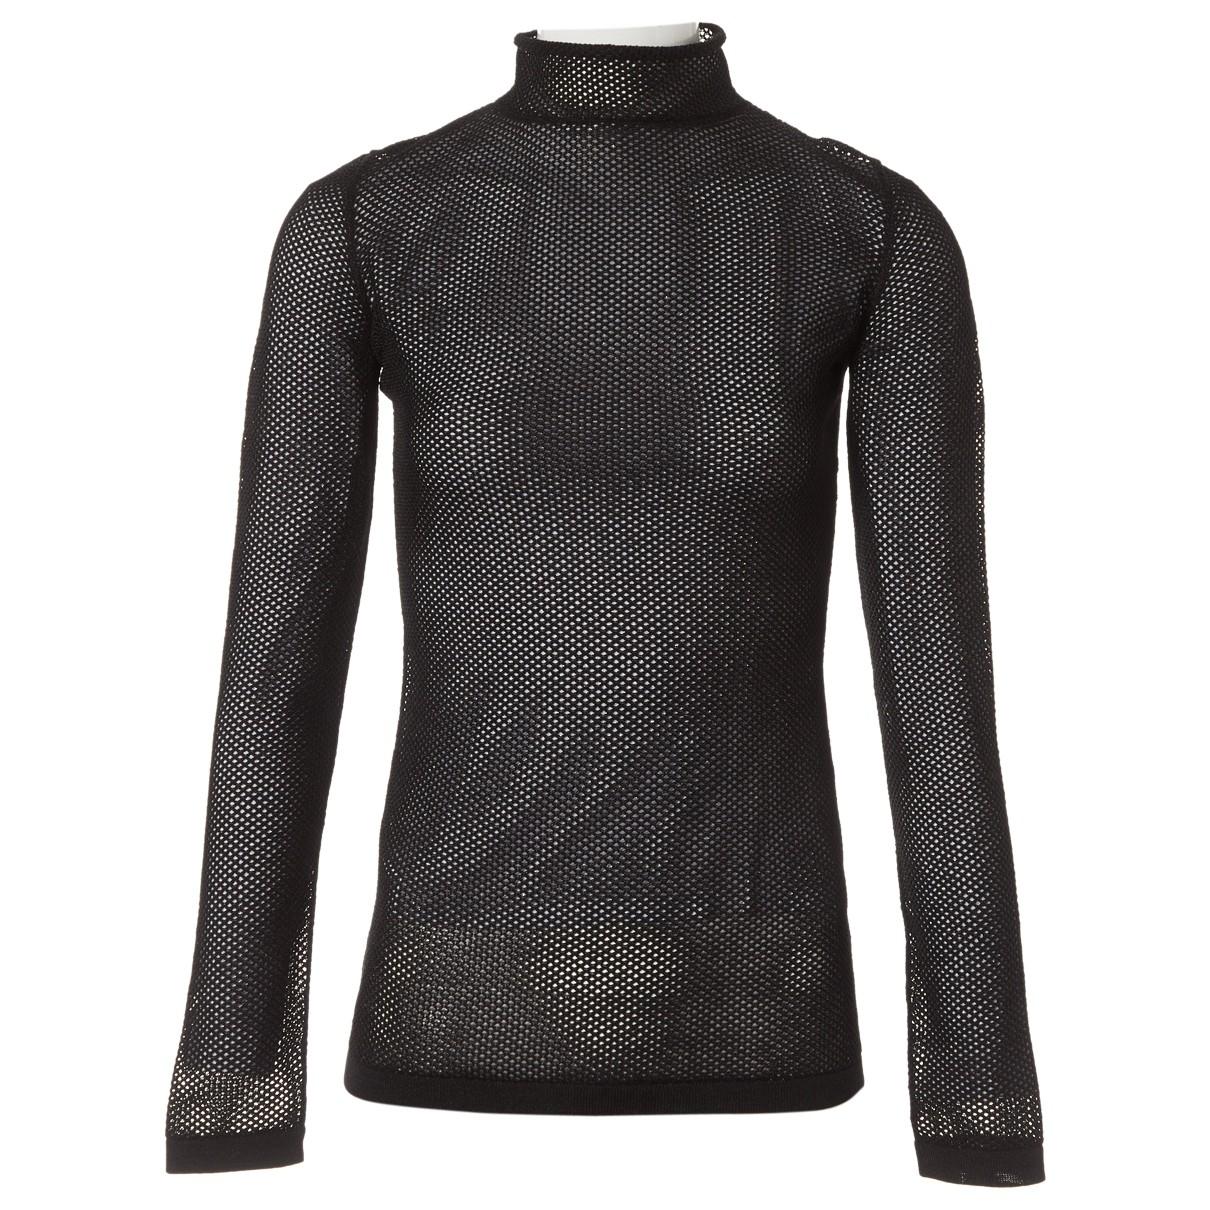 Loewe \N Black  top for Women S International